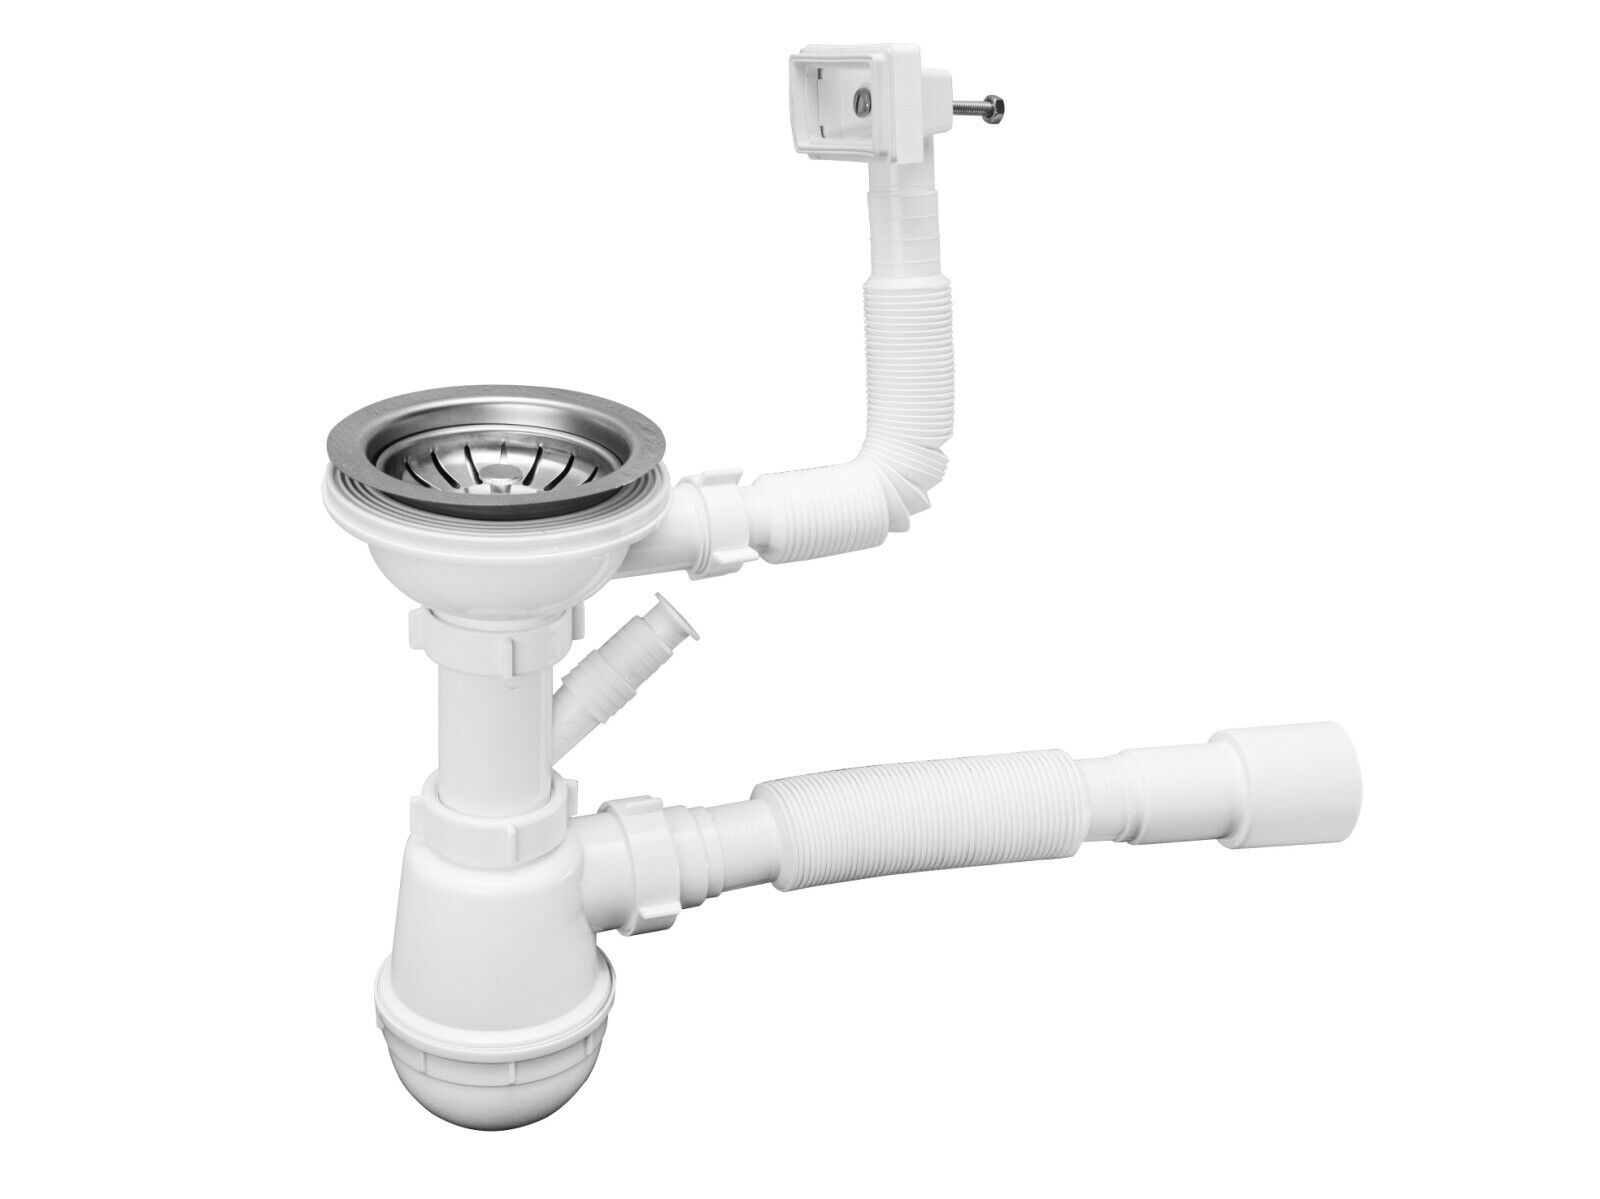 Ablaufgarnitur Spüle Spülen Siphon Geruchsverschluss Ablauf Spülbecken Universal